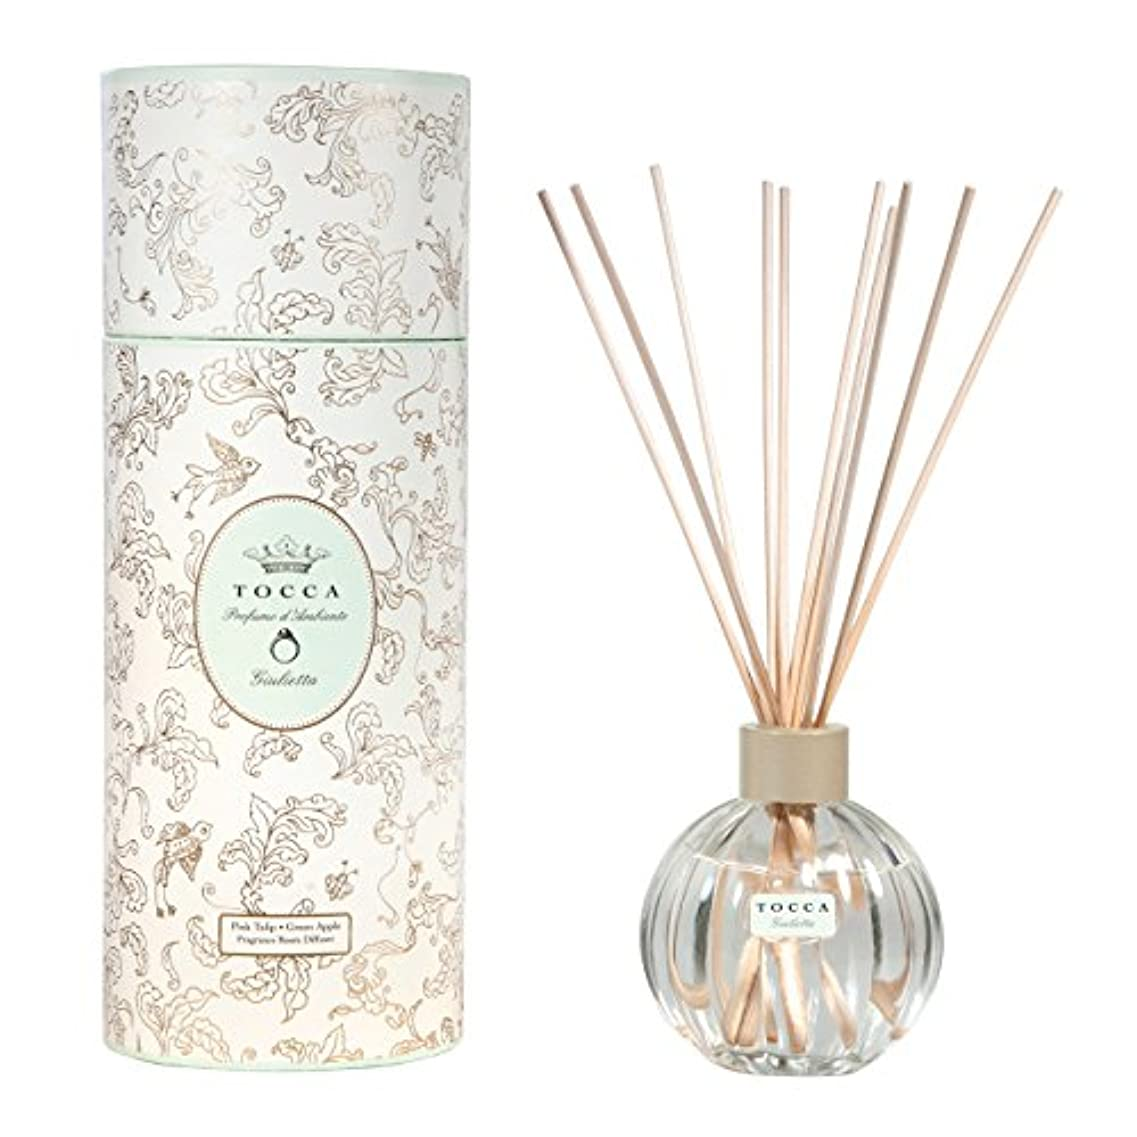 呪い共感する表面トッカ(TOCCA) リードディフューザー ジュリエッタの香り 175ml 3~4ヶ月持続(芳香剤 ルームフレグランス ピンクチューリップとグリーンアップルの爽やかで甘い香り)